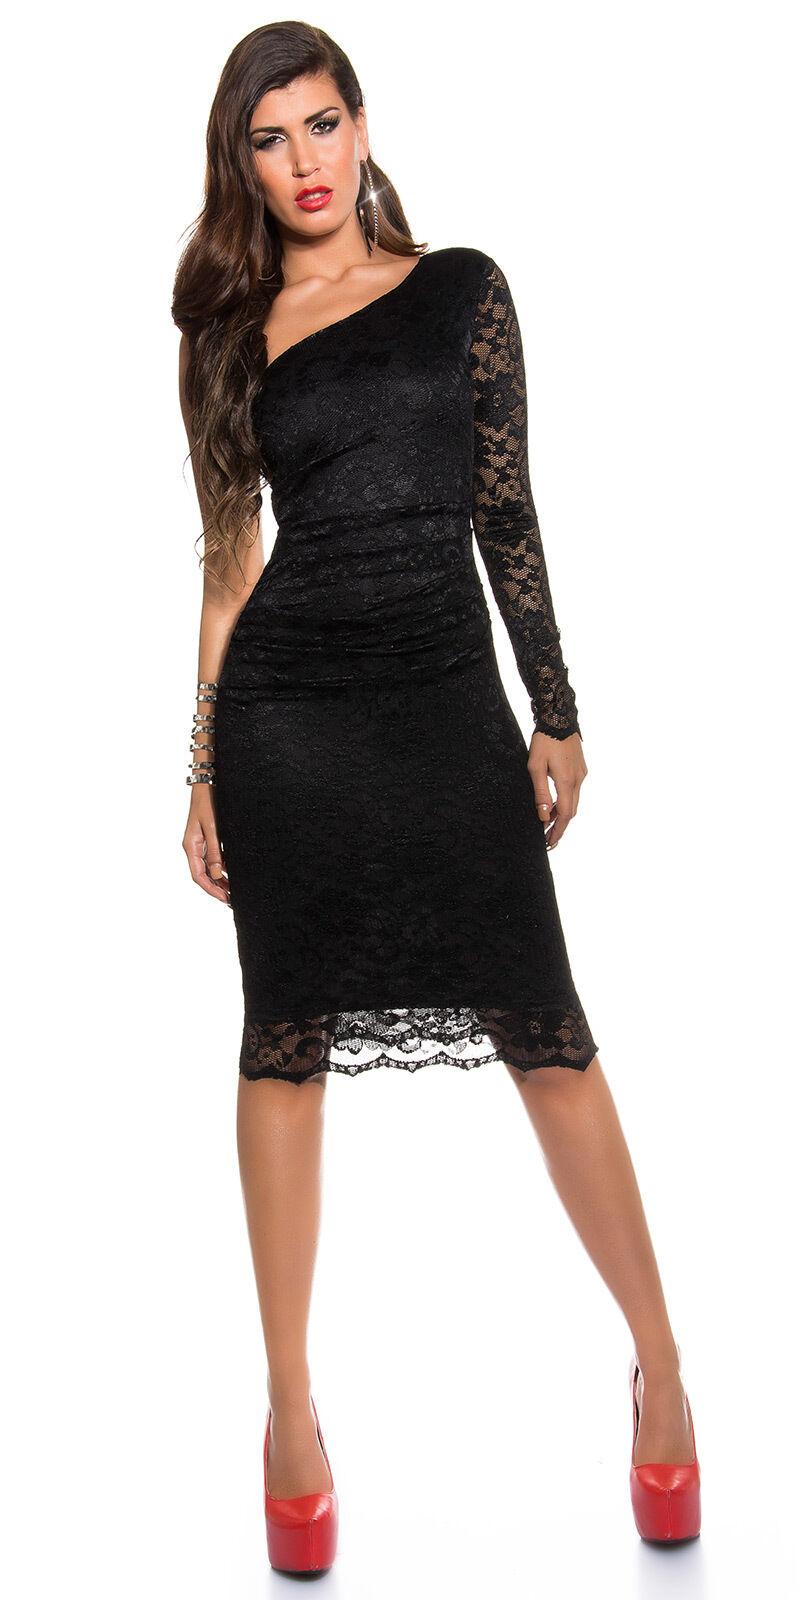 7347eb6859f4 Vestito da donna abito Monospalla vestitino cerimonia elegante party ballo